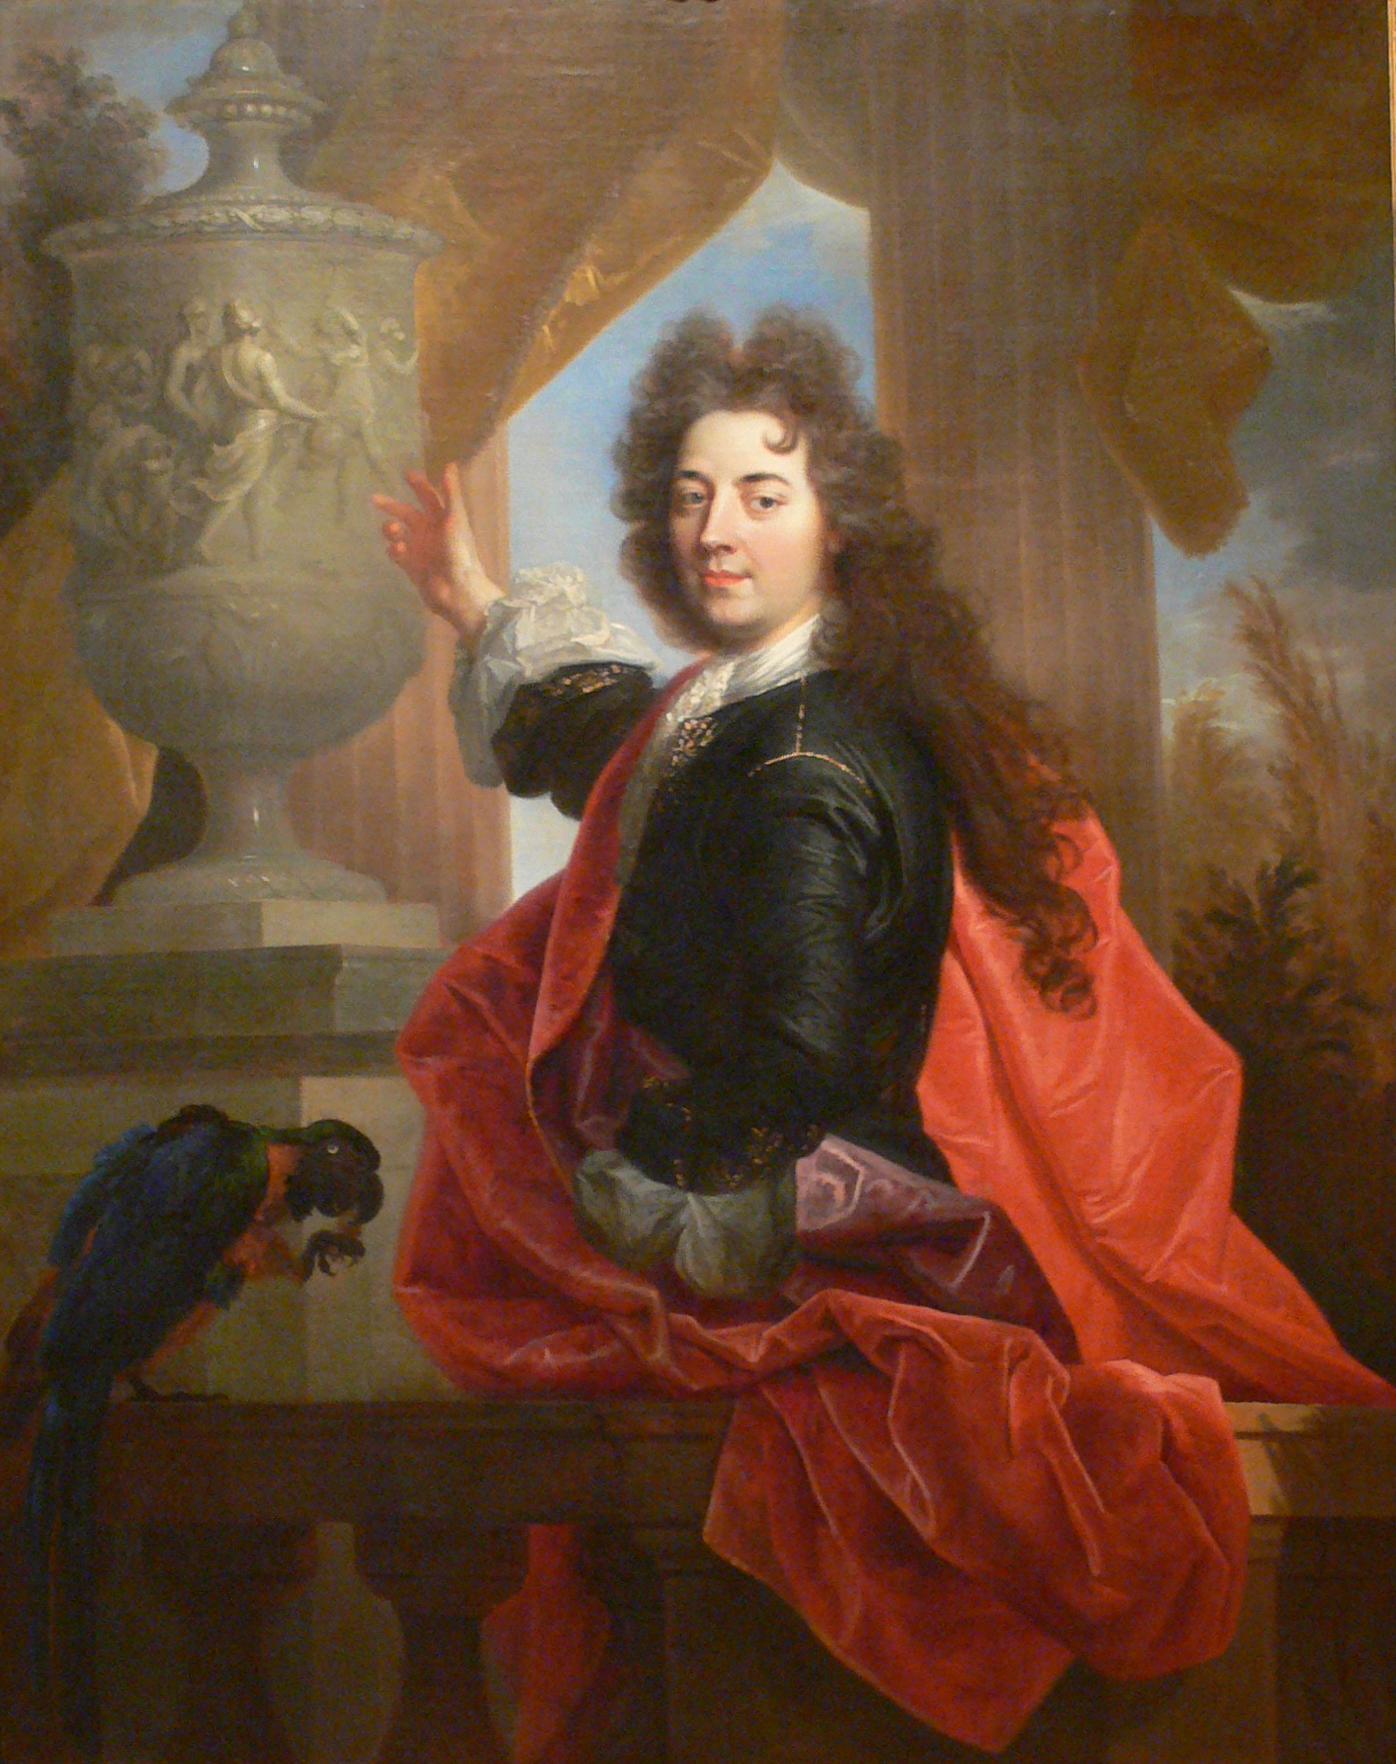 Nicolas_de_Largillière_-_Pierre_Lepautre,_sculpteur_-_without_frame (1)